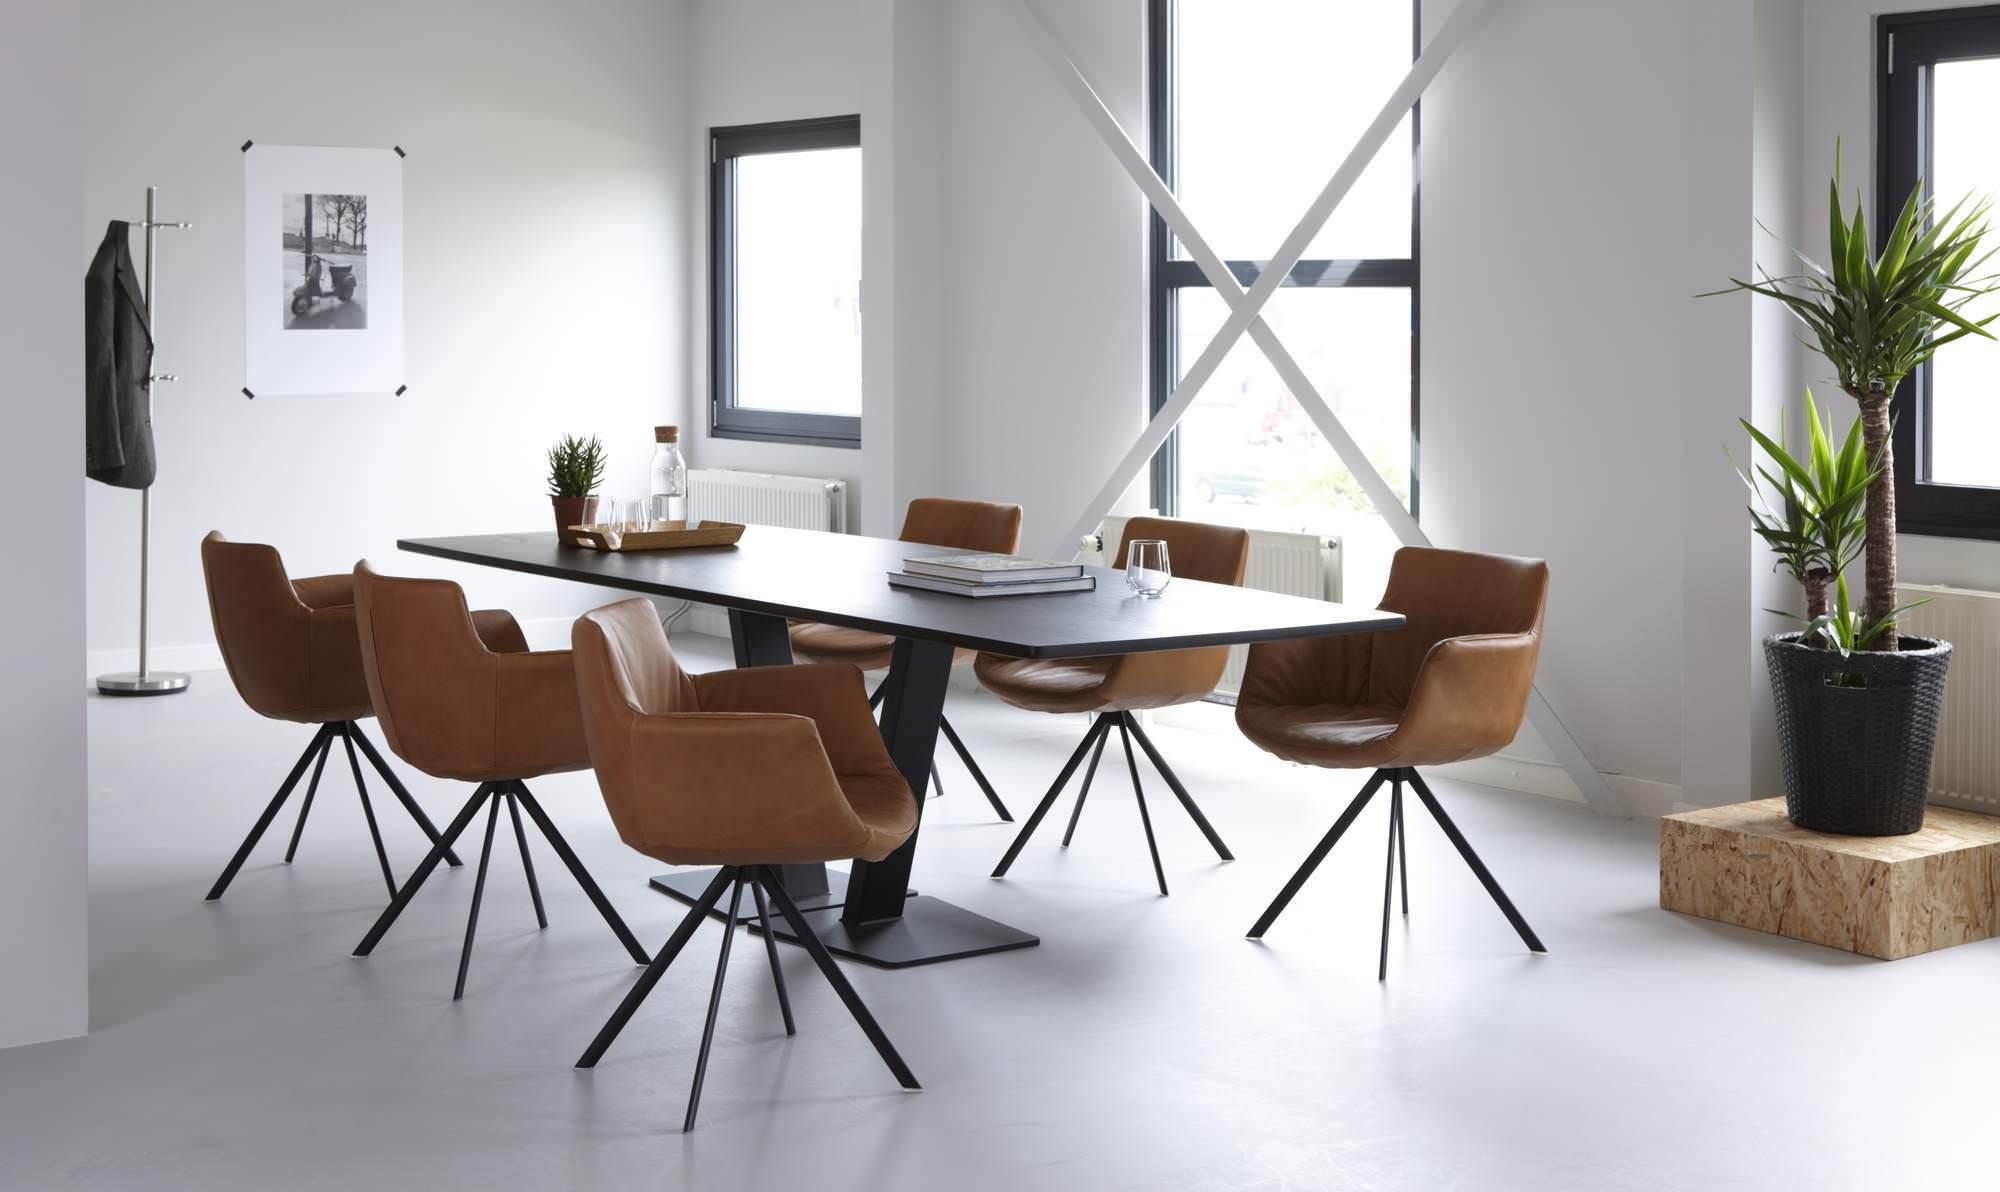 Design eettafel stoelen for Design eetkamerstoelen outlet